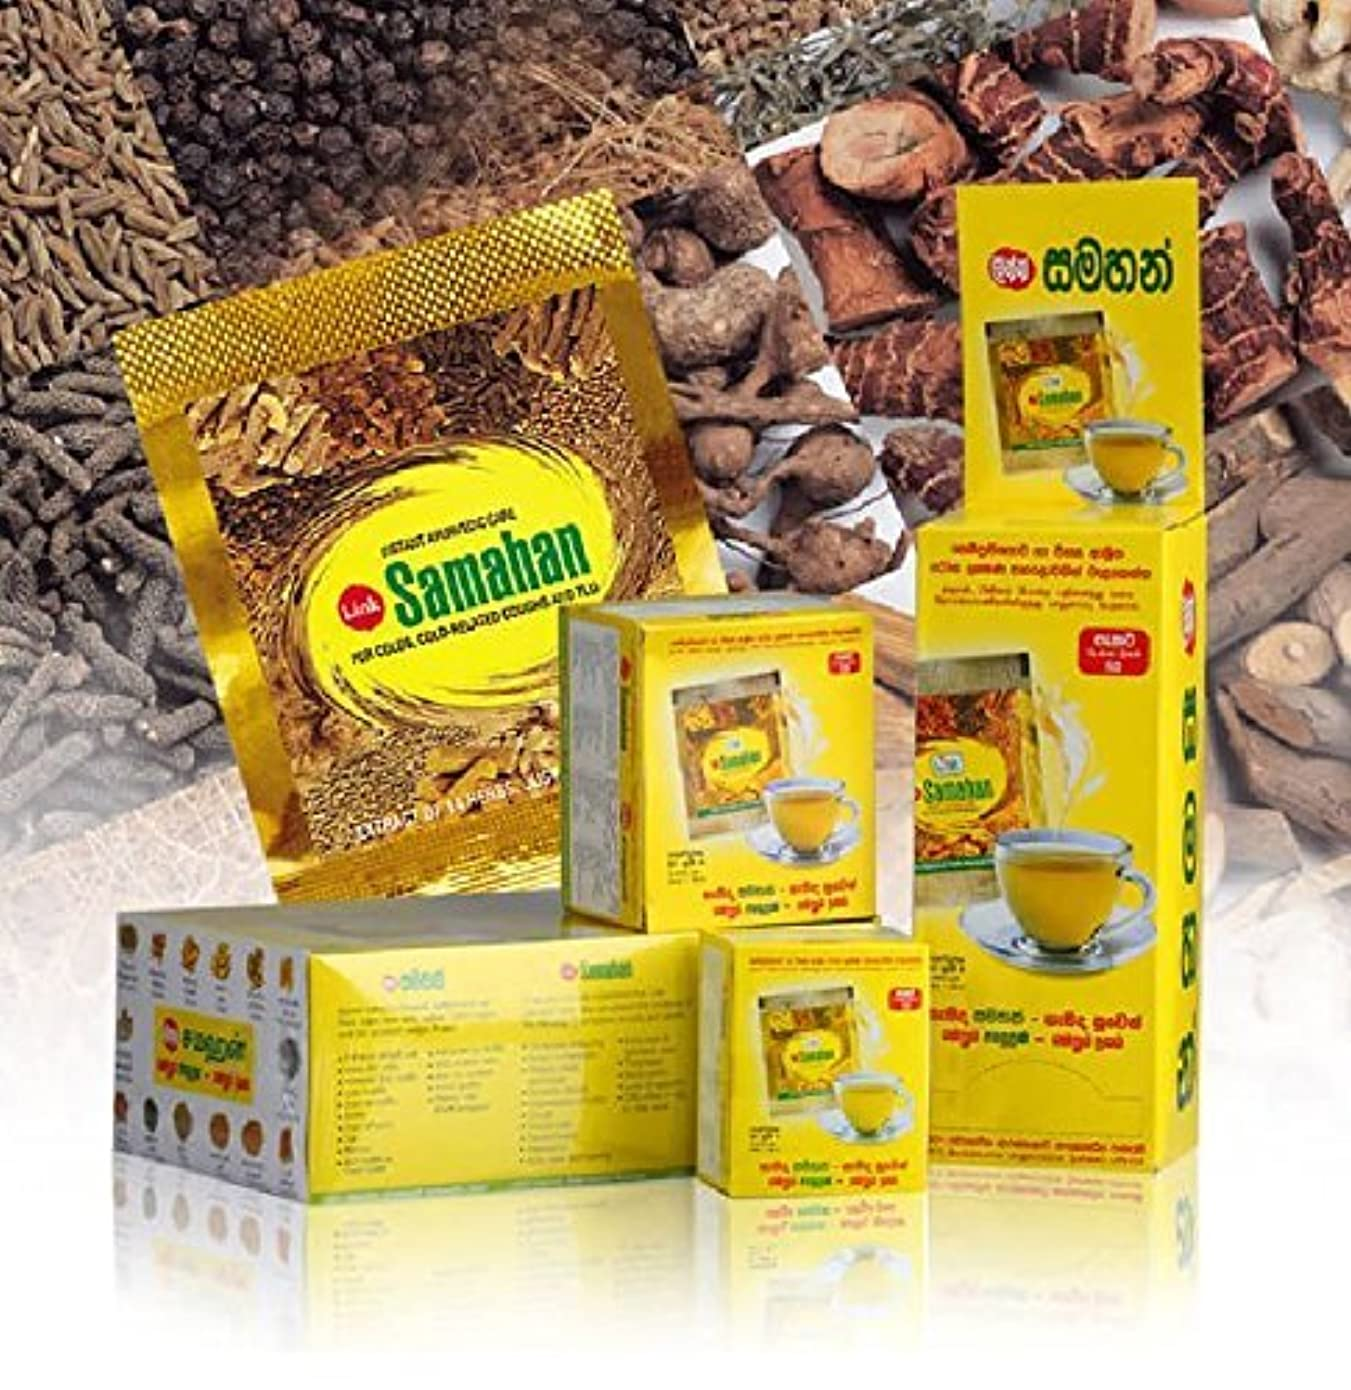 ミッションタール影響を受けやすいです25 Packs Link Samahan Ayurvedic Herbal Tea Packets by link natural